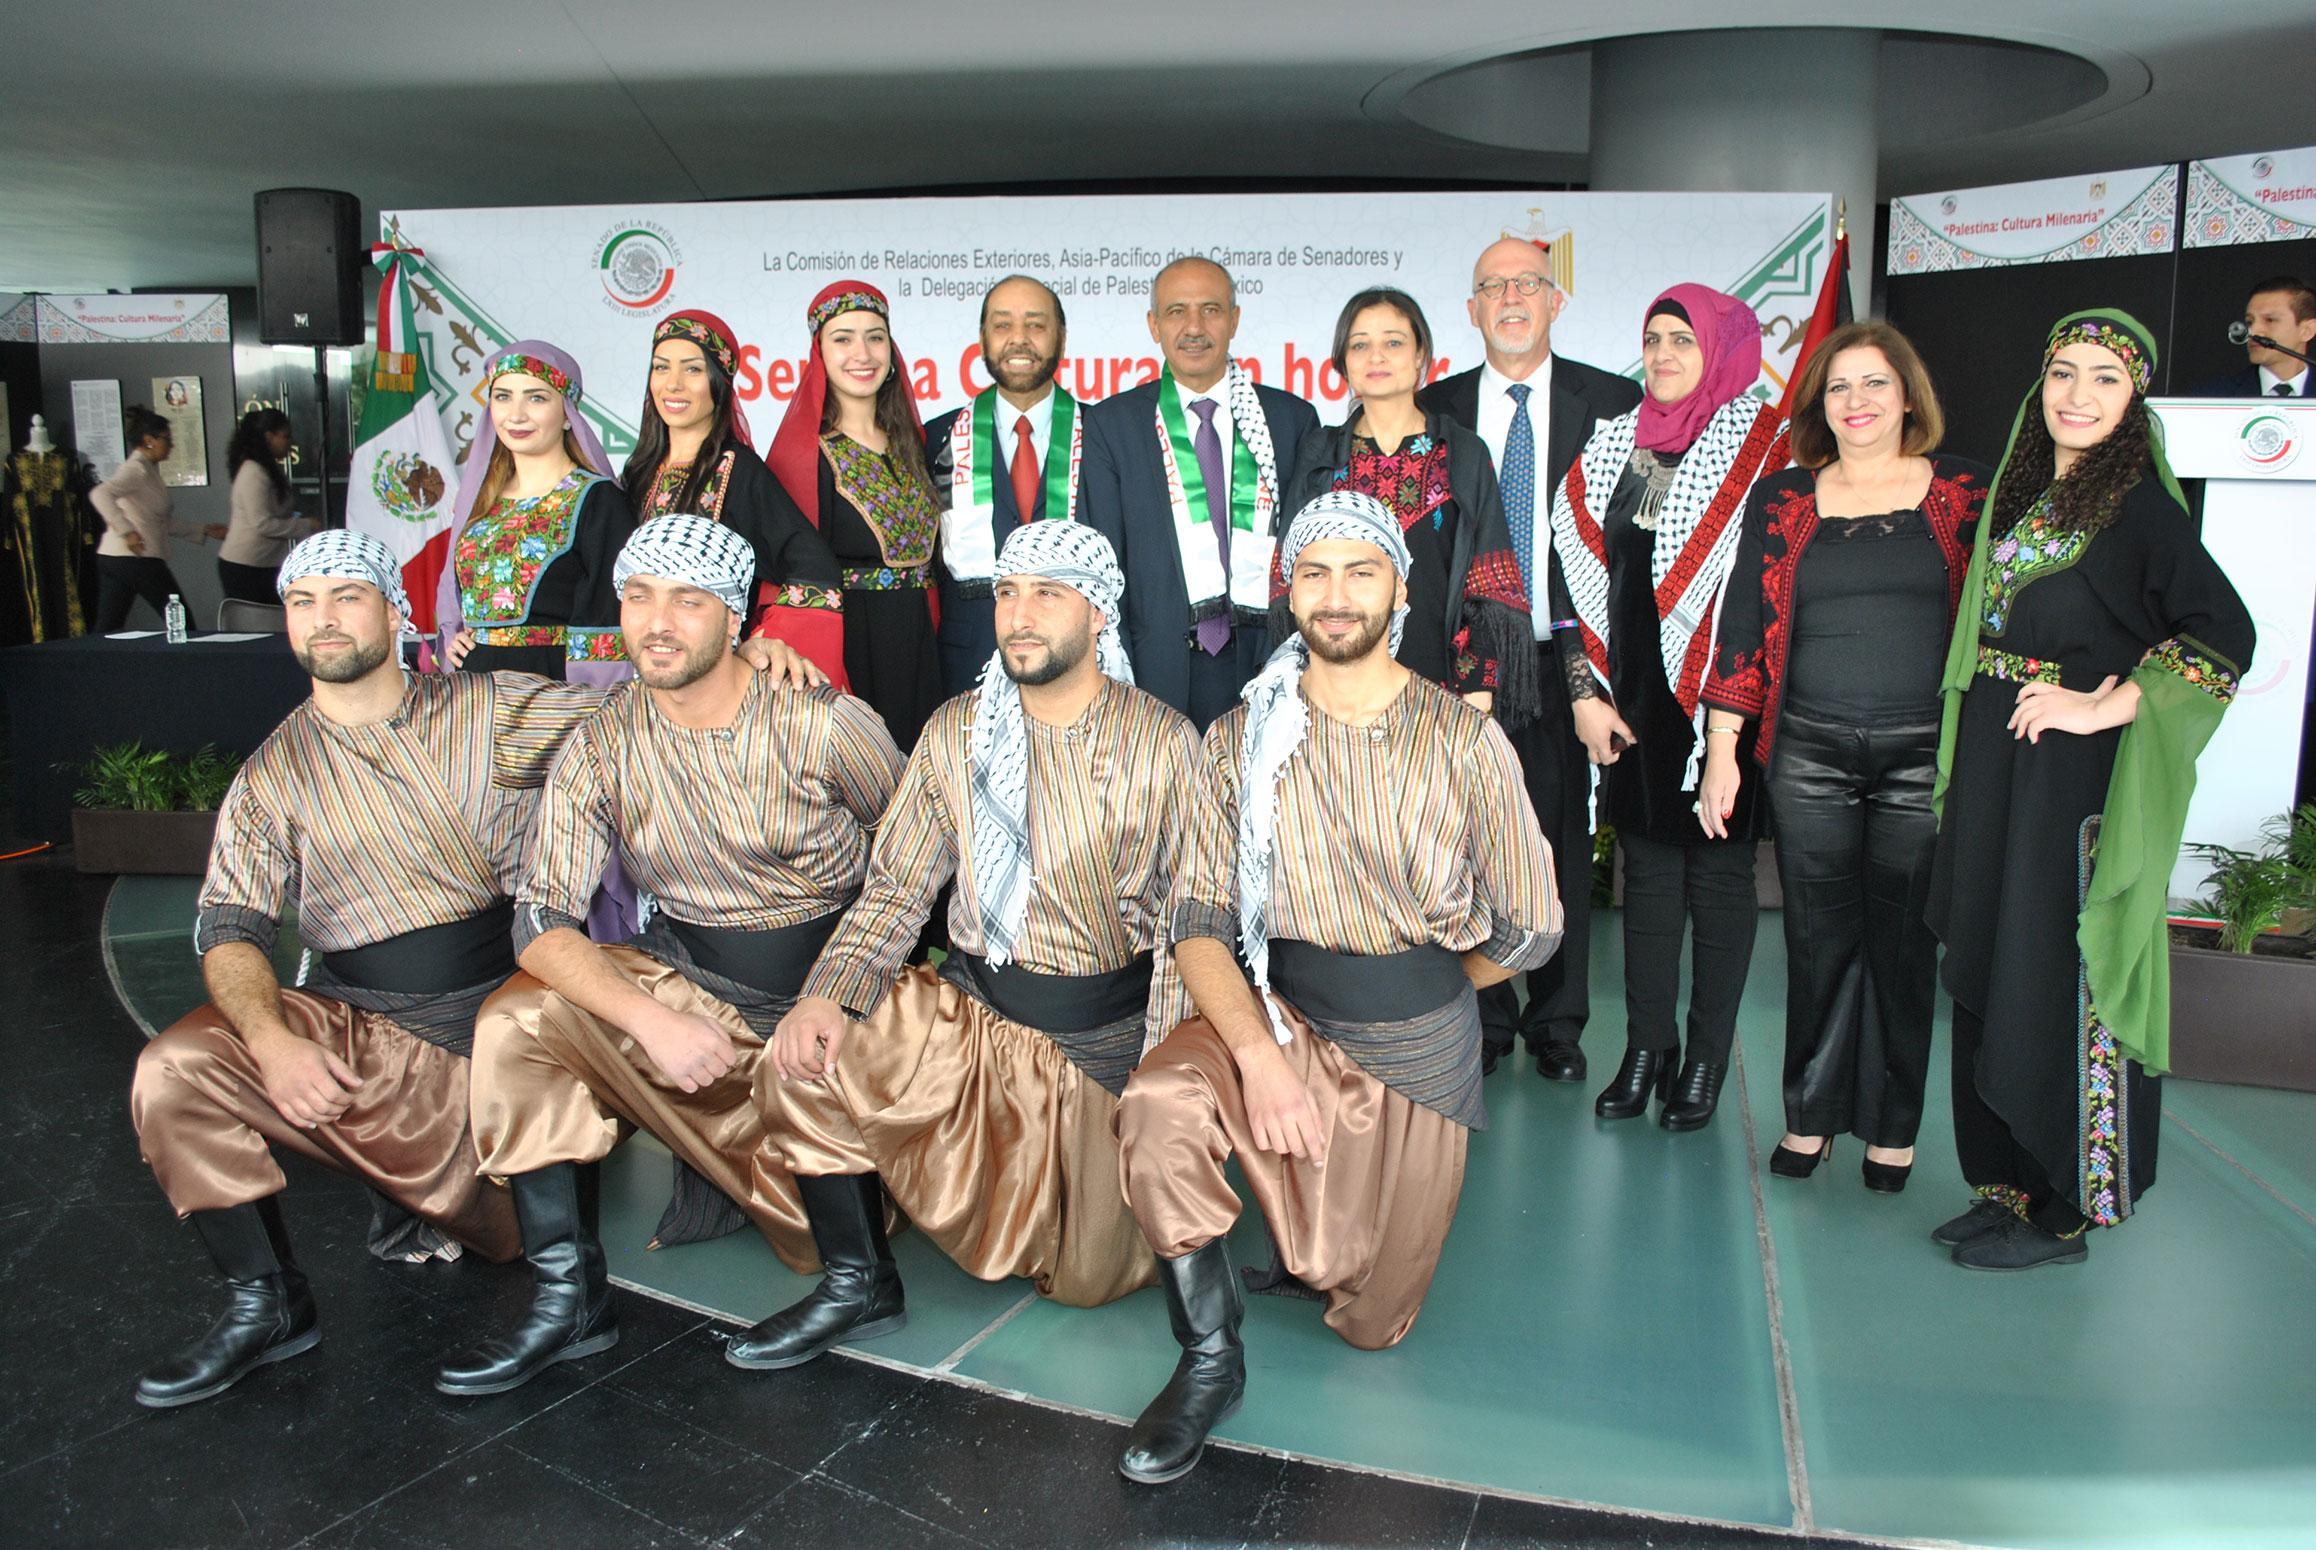 El senador Teófilo Torres Corzo, Mohamed A. I. Saadat, embajador de la delegación especial de Palestina, y Jorge Álvarez Fuentes, con el grupo de danza dabke palestino